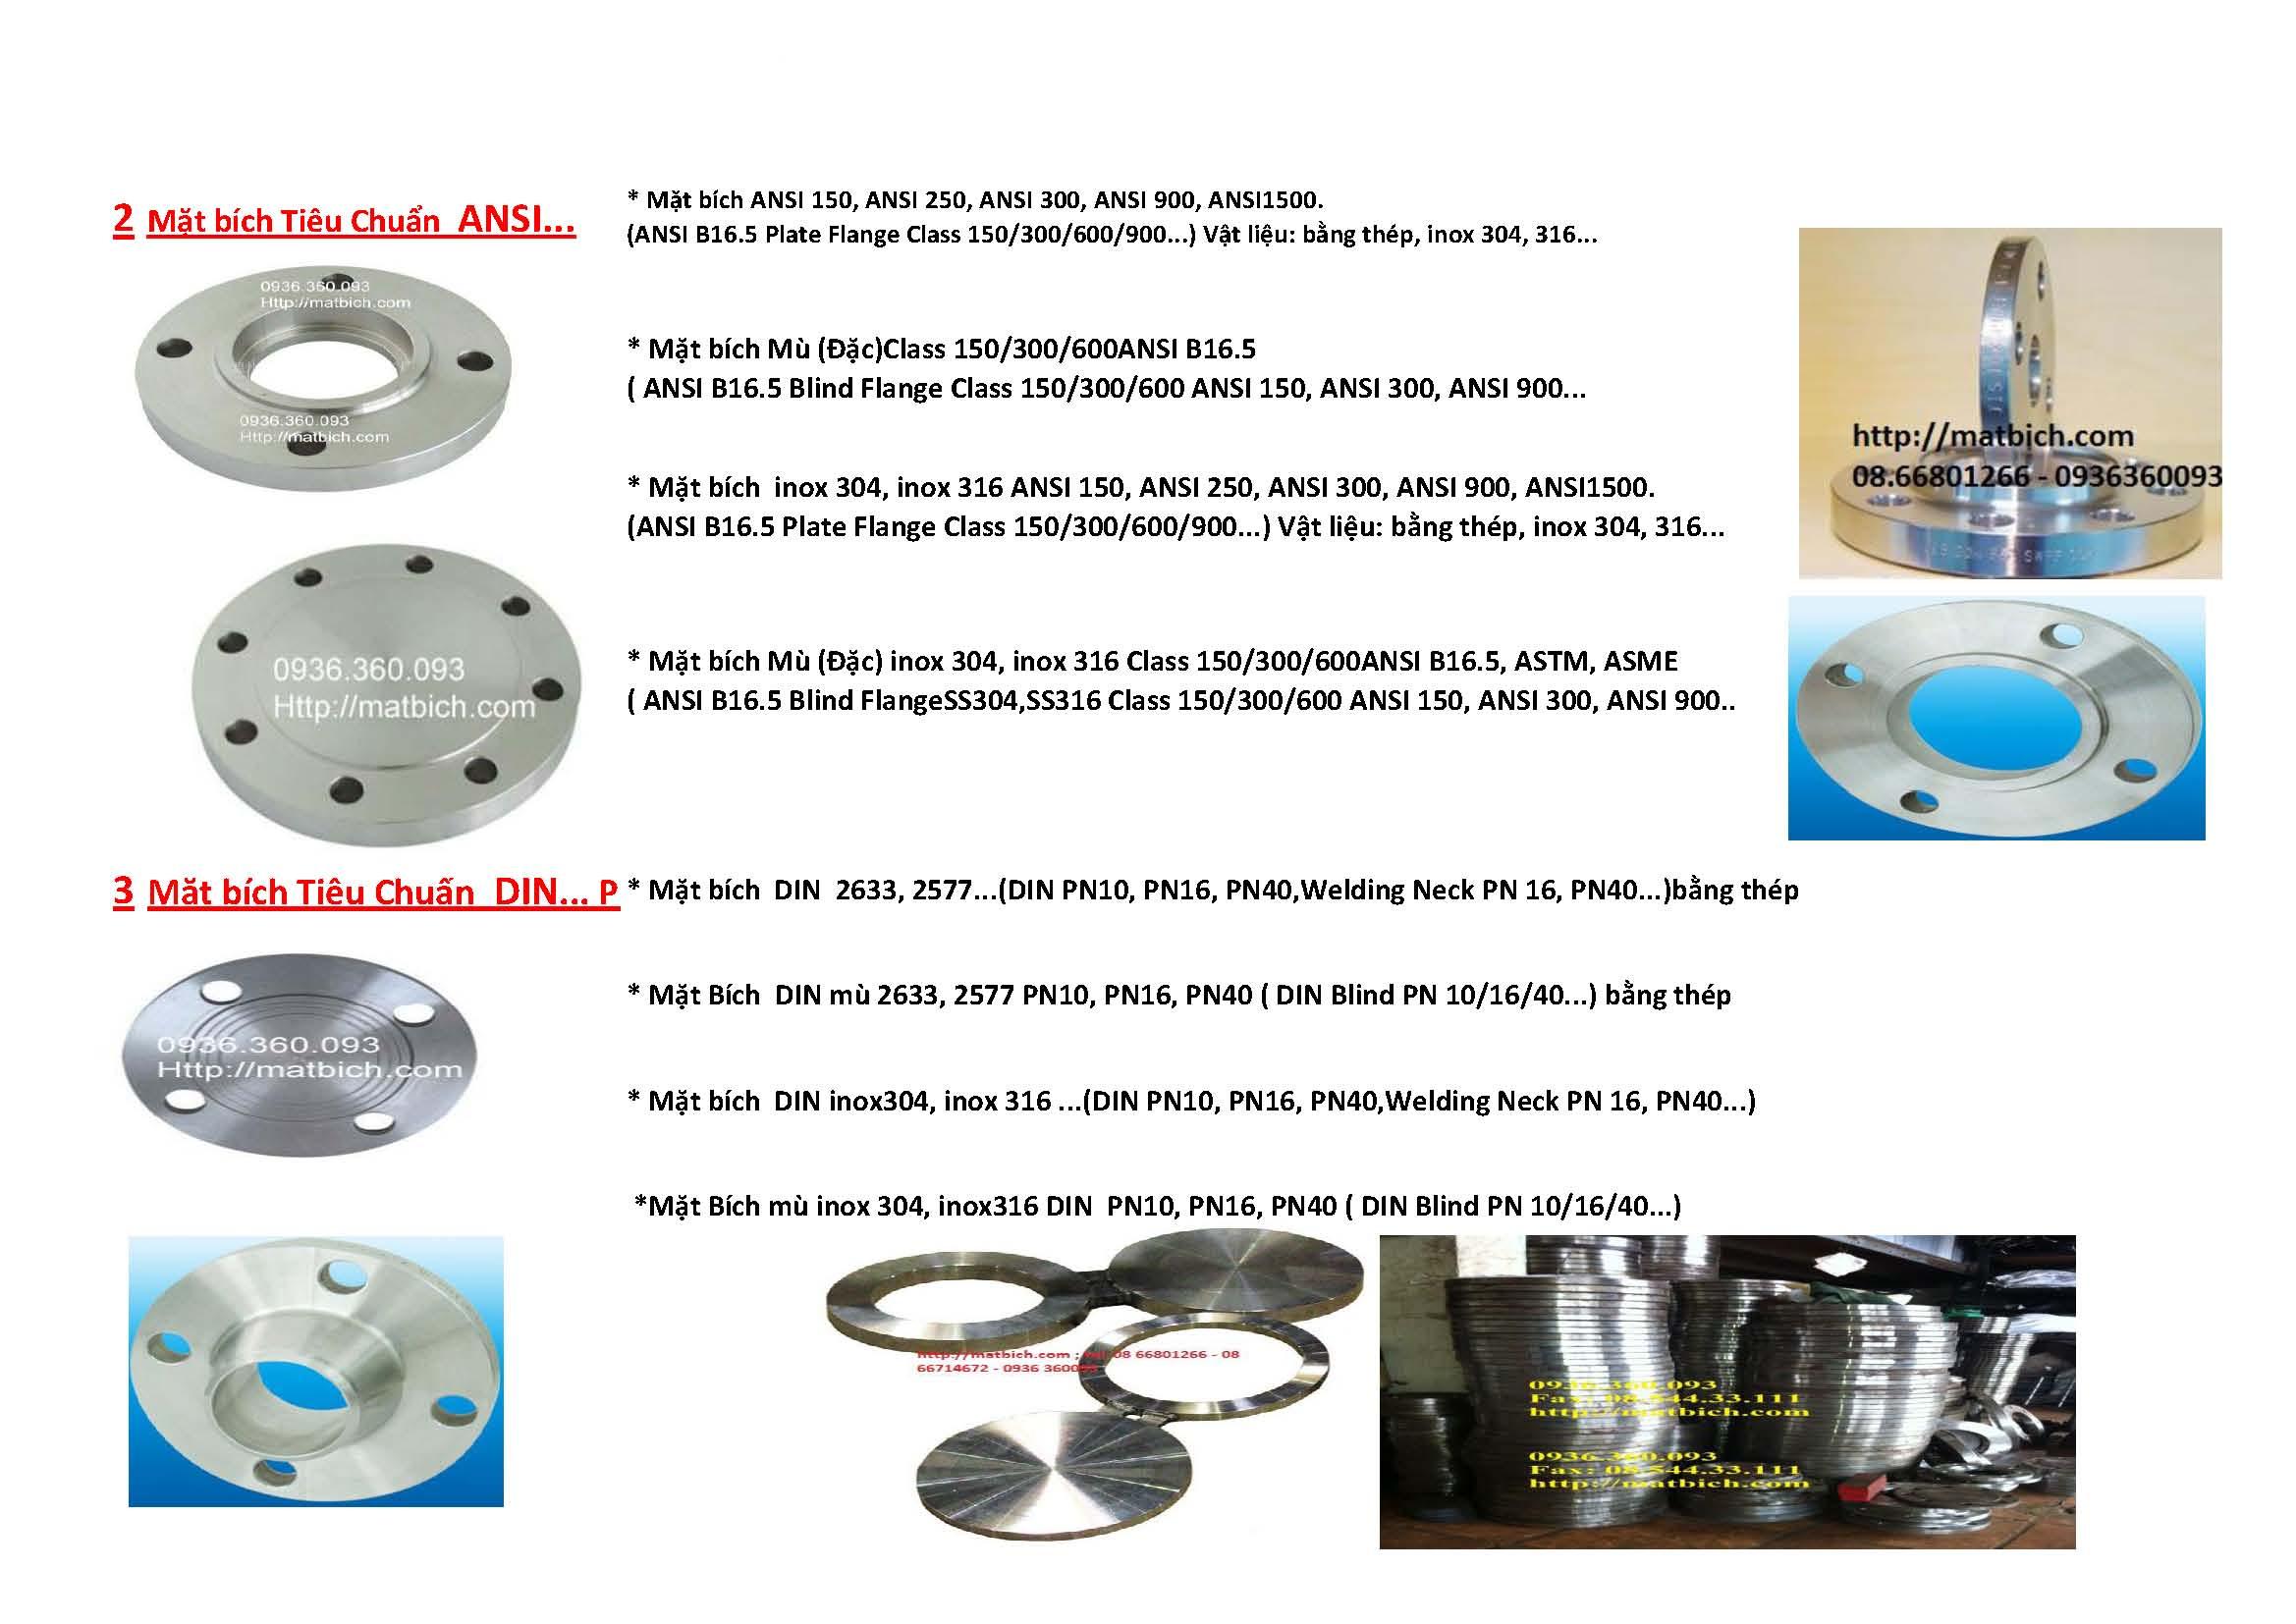 Mặt bích ASTM #150LB, #300LB, #600LB,900LB